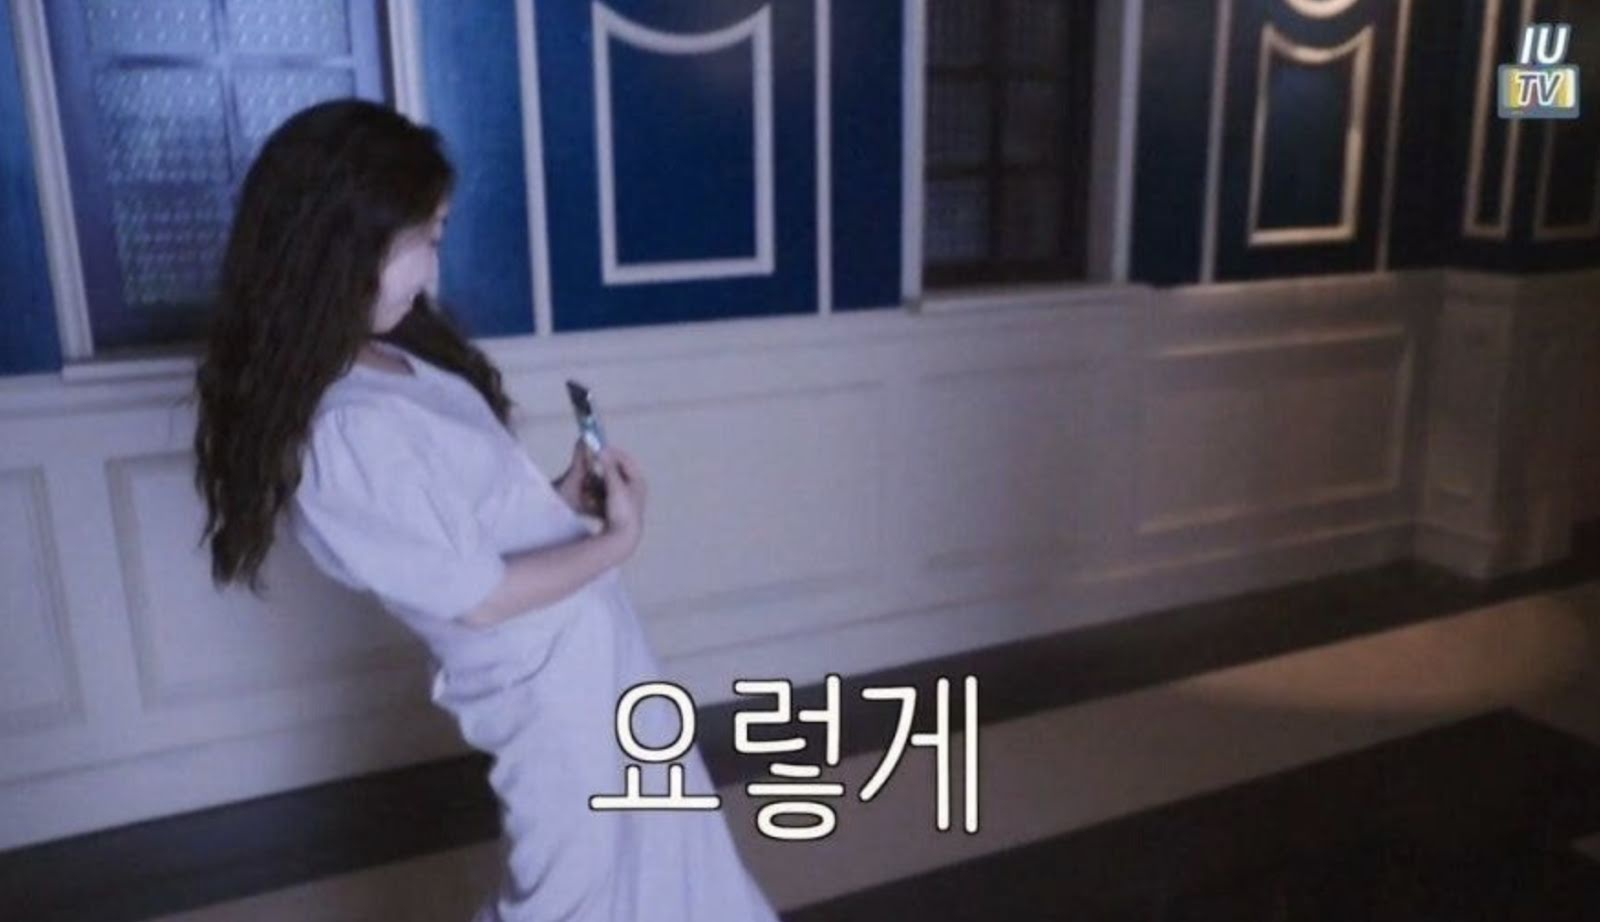 Cách chụp ảnh giúp mỹ nhân Hàn cao 1,6m nhìn như siêu mẫu 1,8m - Ảnh 6.